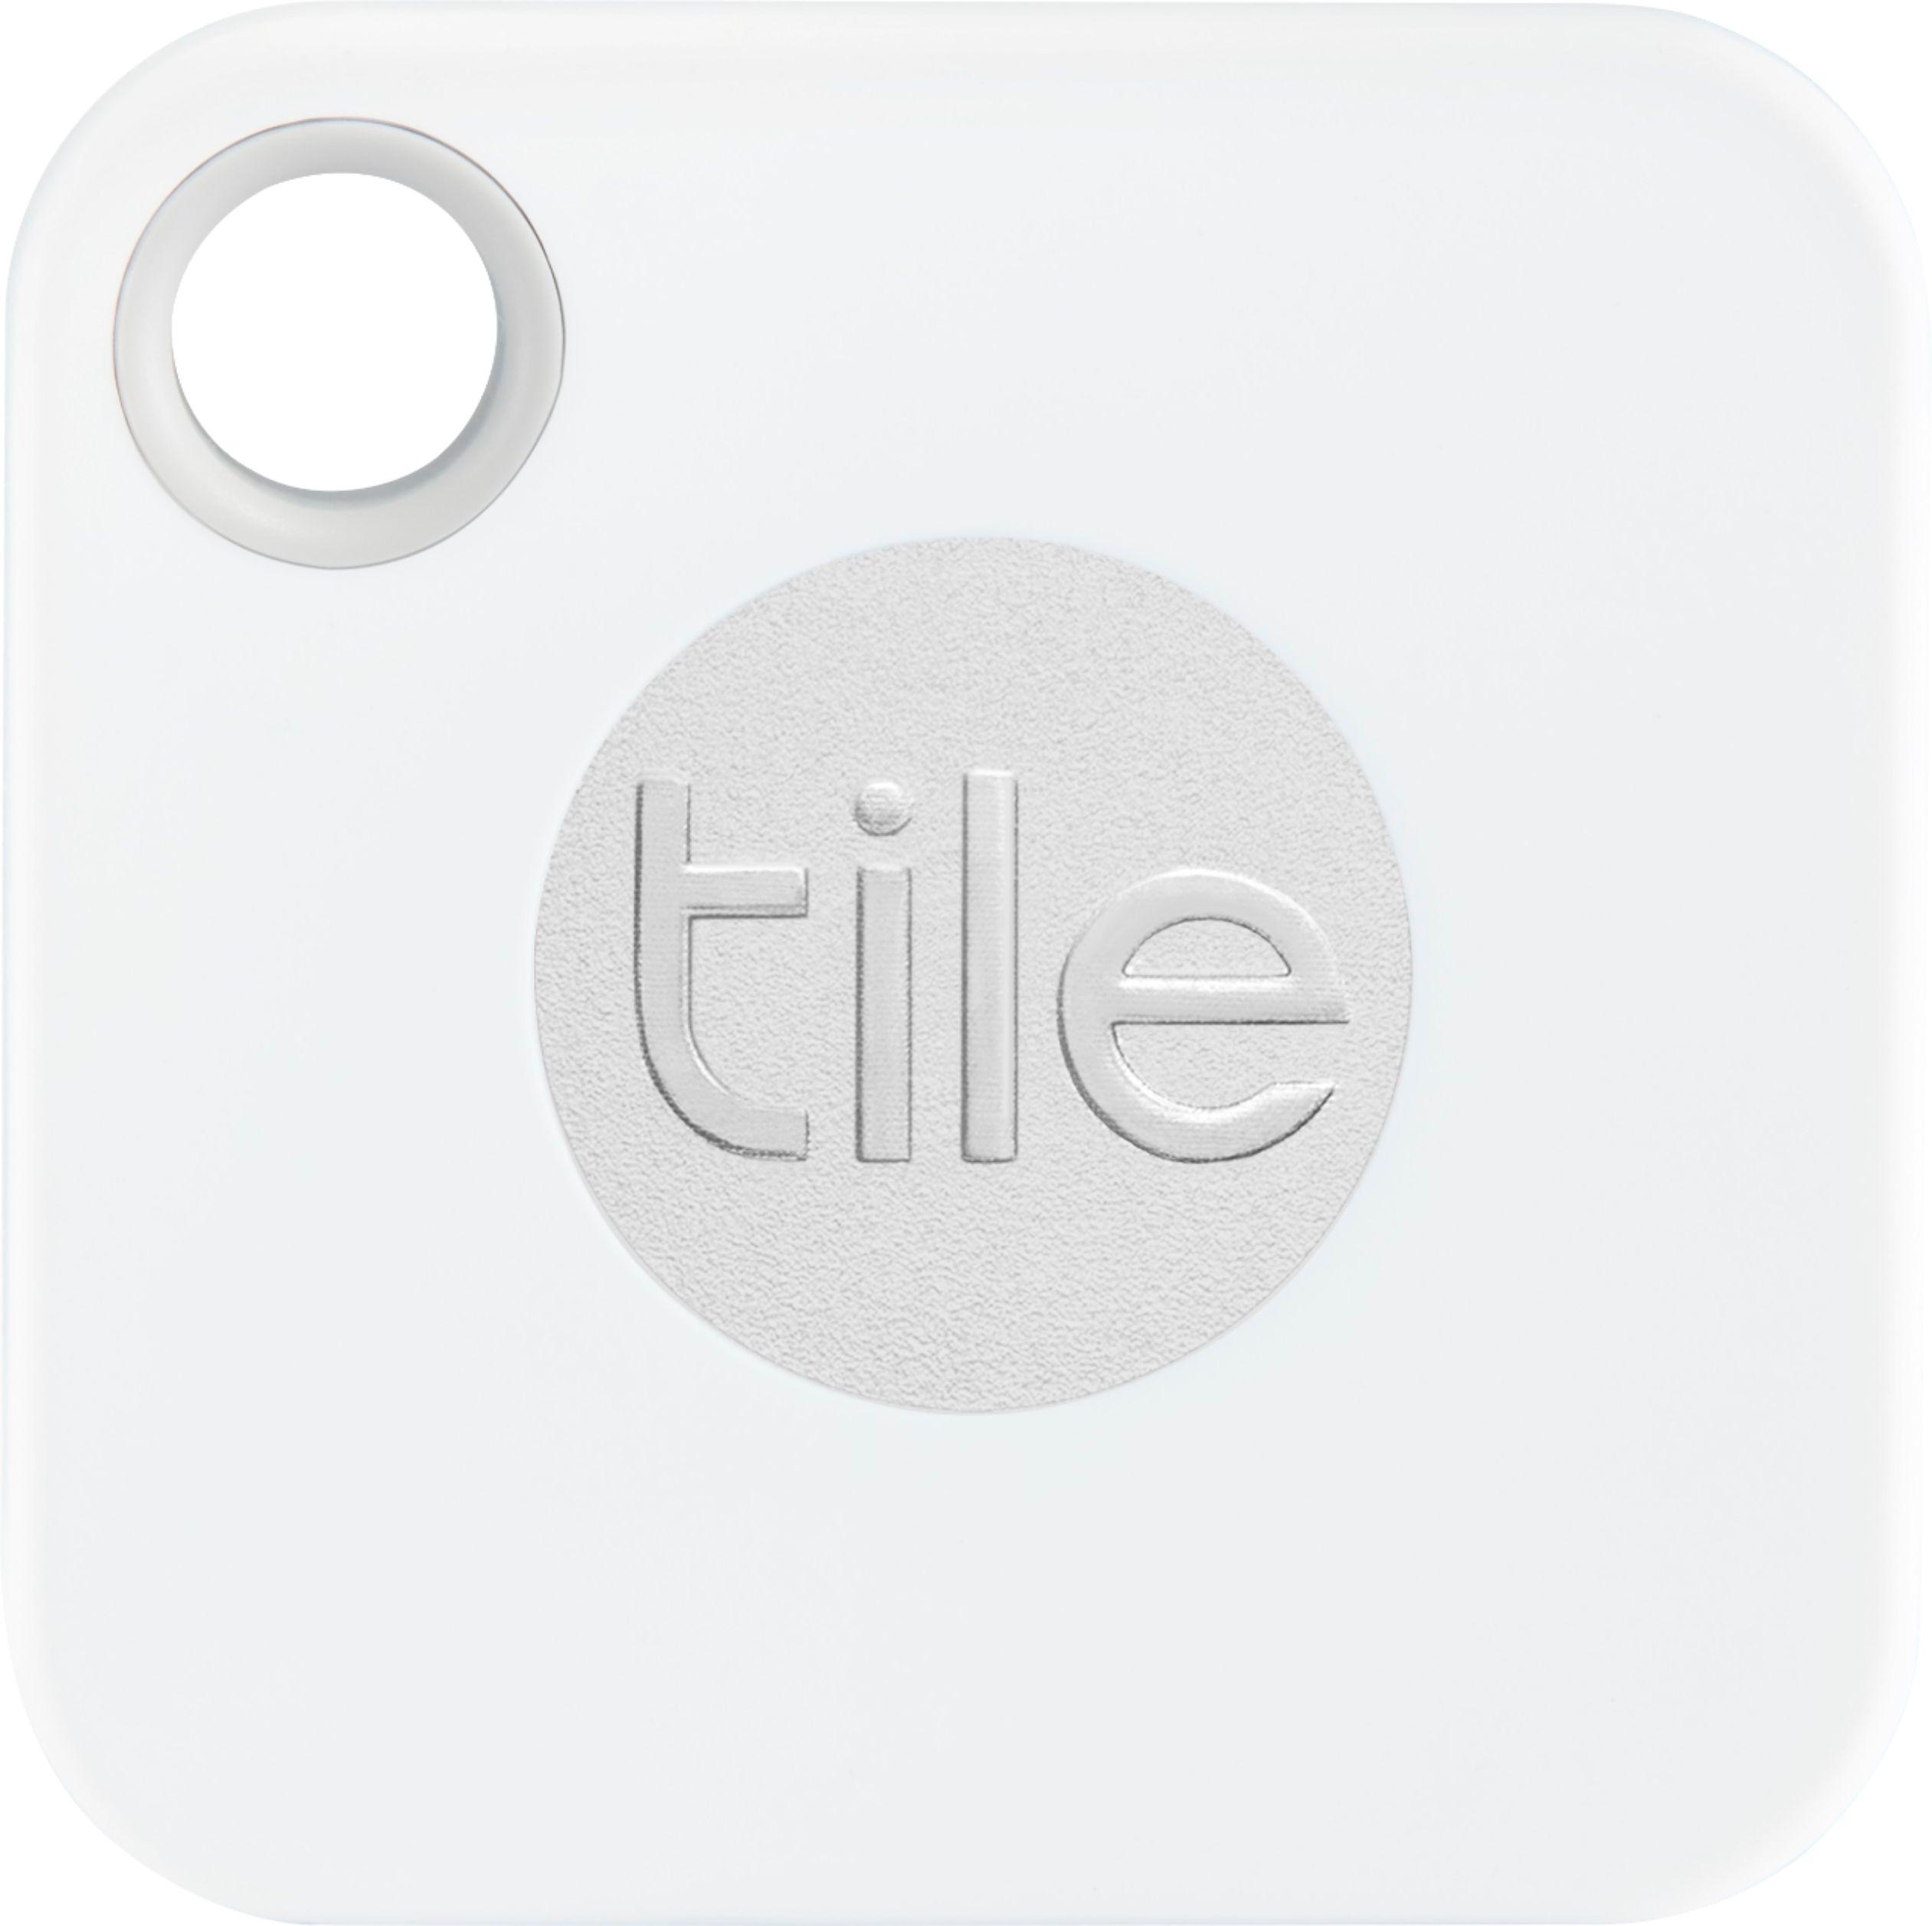 tile mate 2018 item tracker white gray